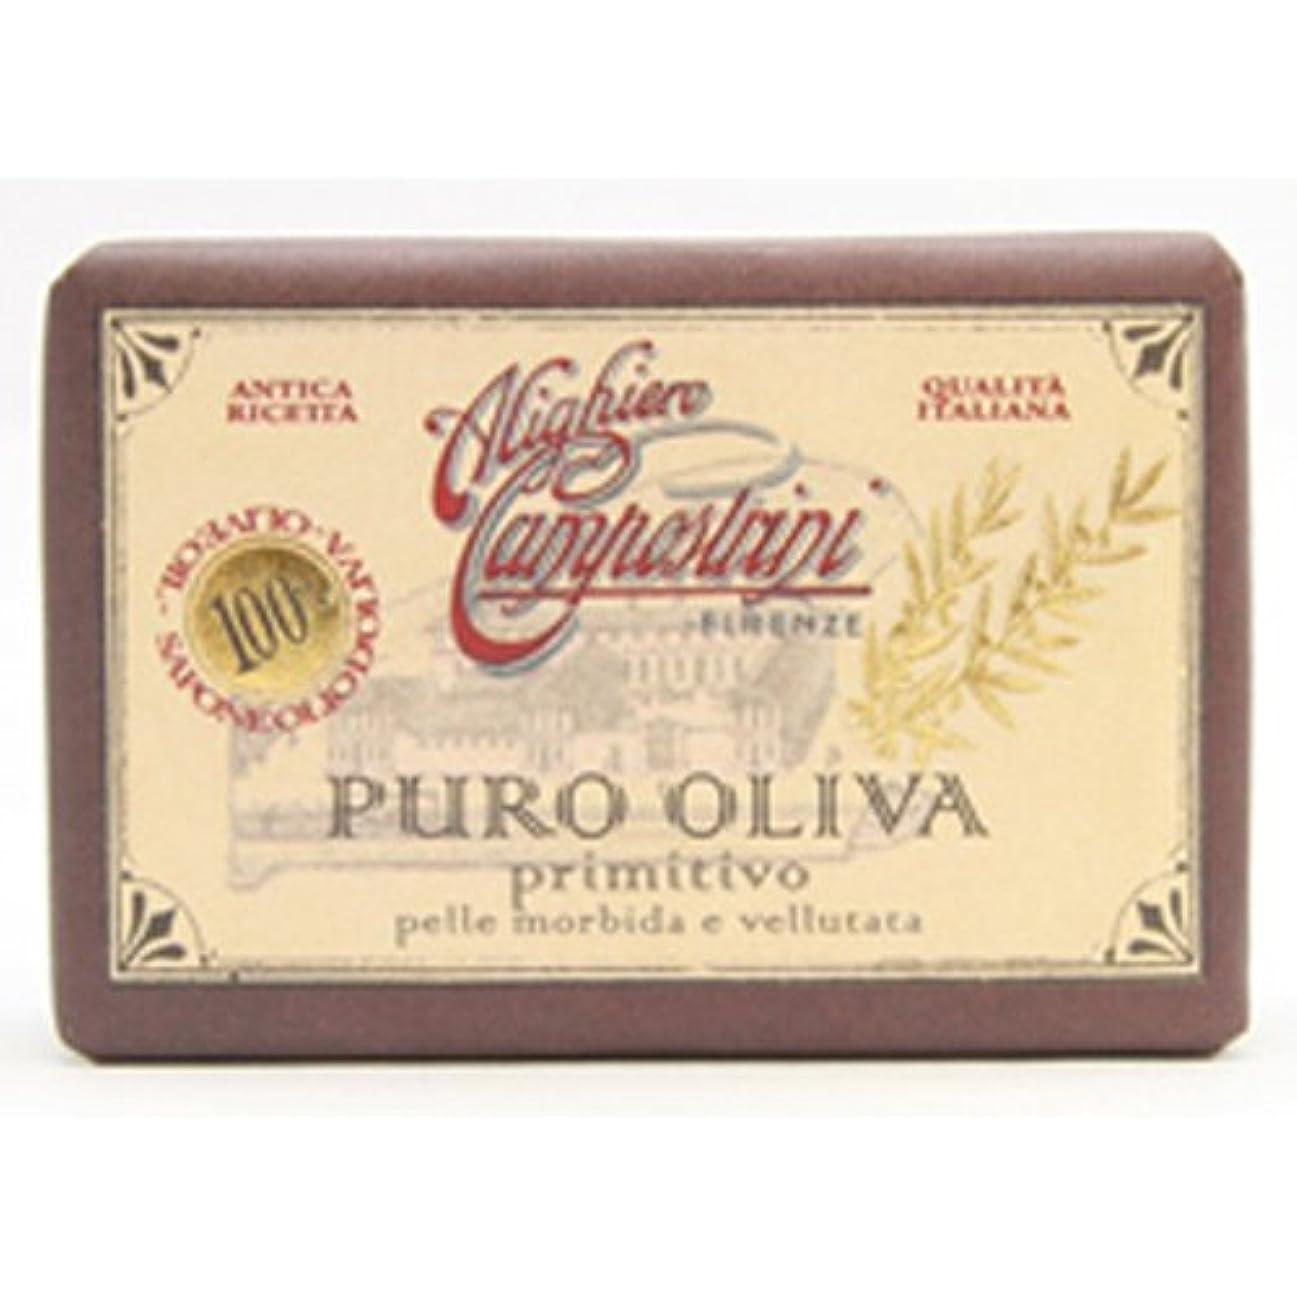 味付け祖先起訴するSaponerire Fissi サポネリーフィッシー PURO OLIVA Soap オリーブオイル ピュロ ソープ primitivo オリジナル 150g